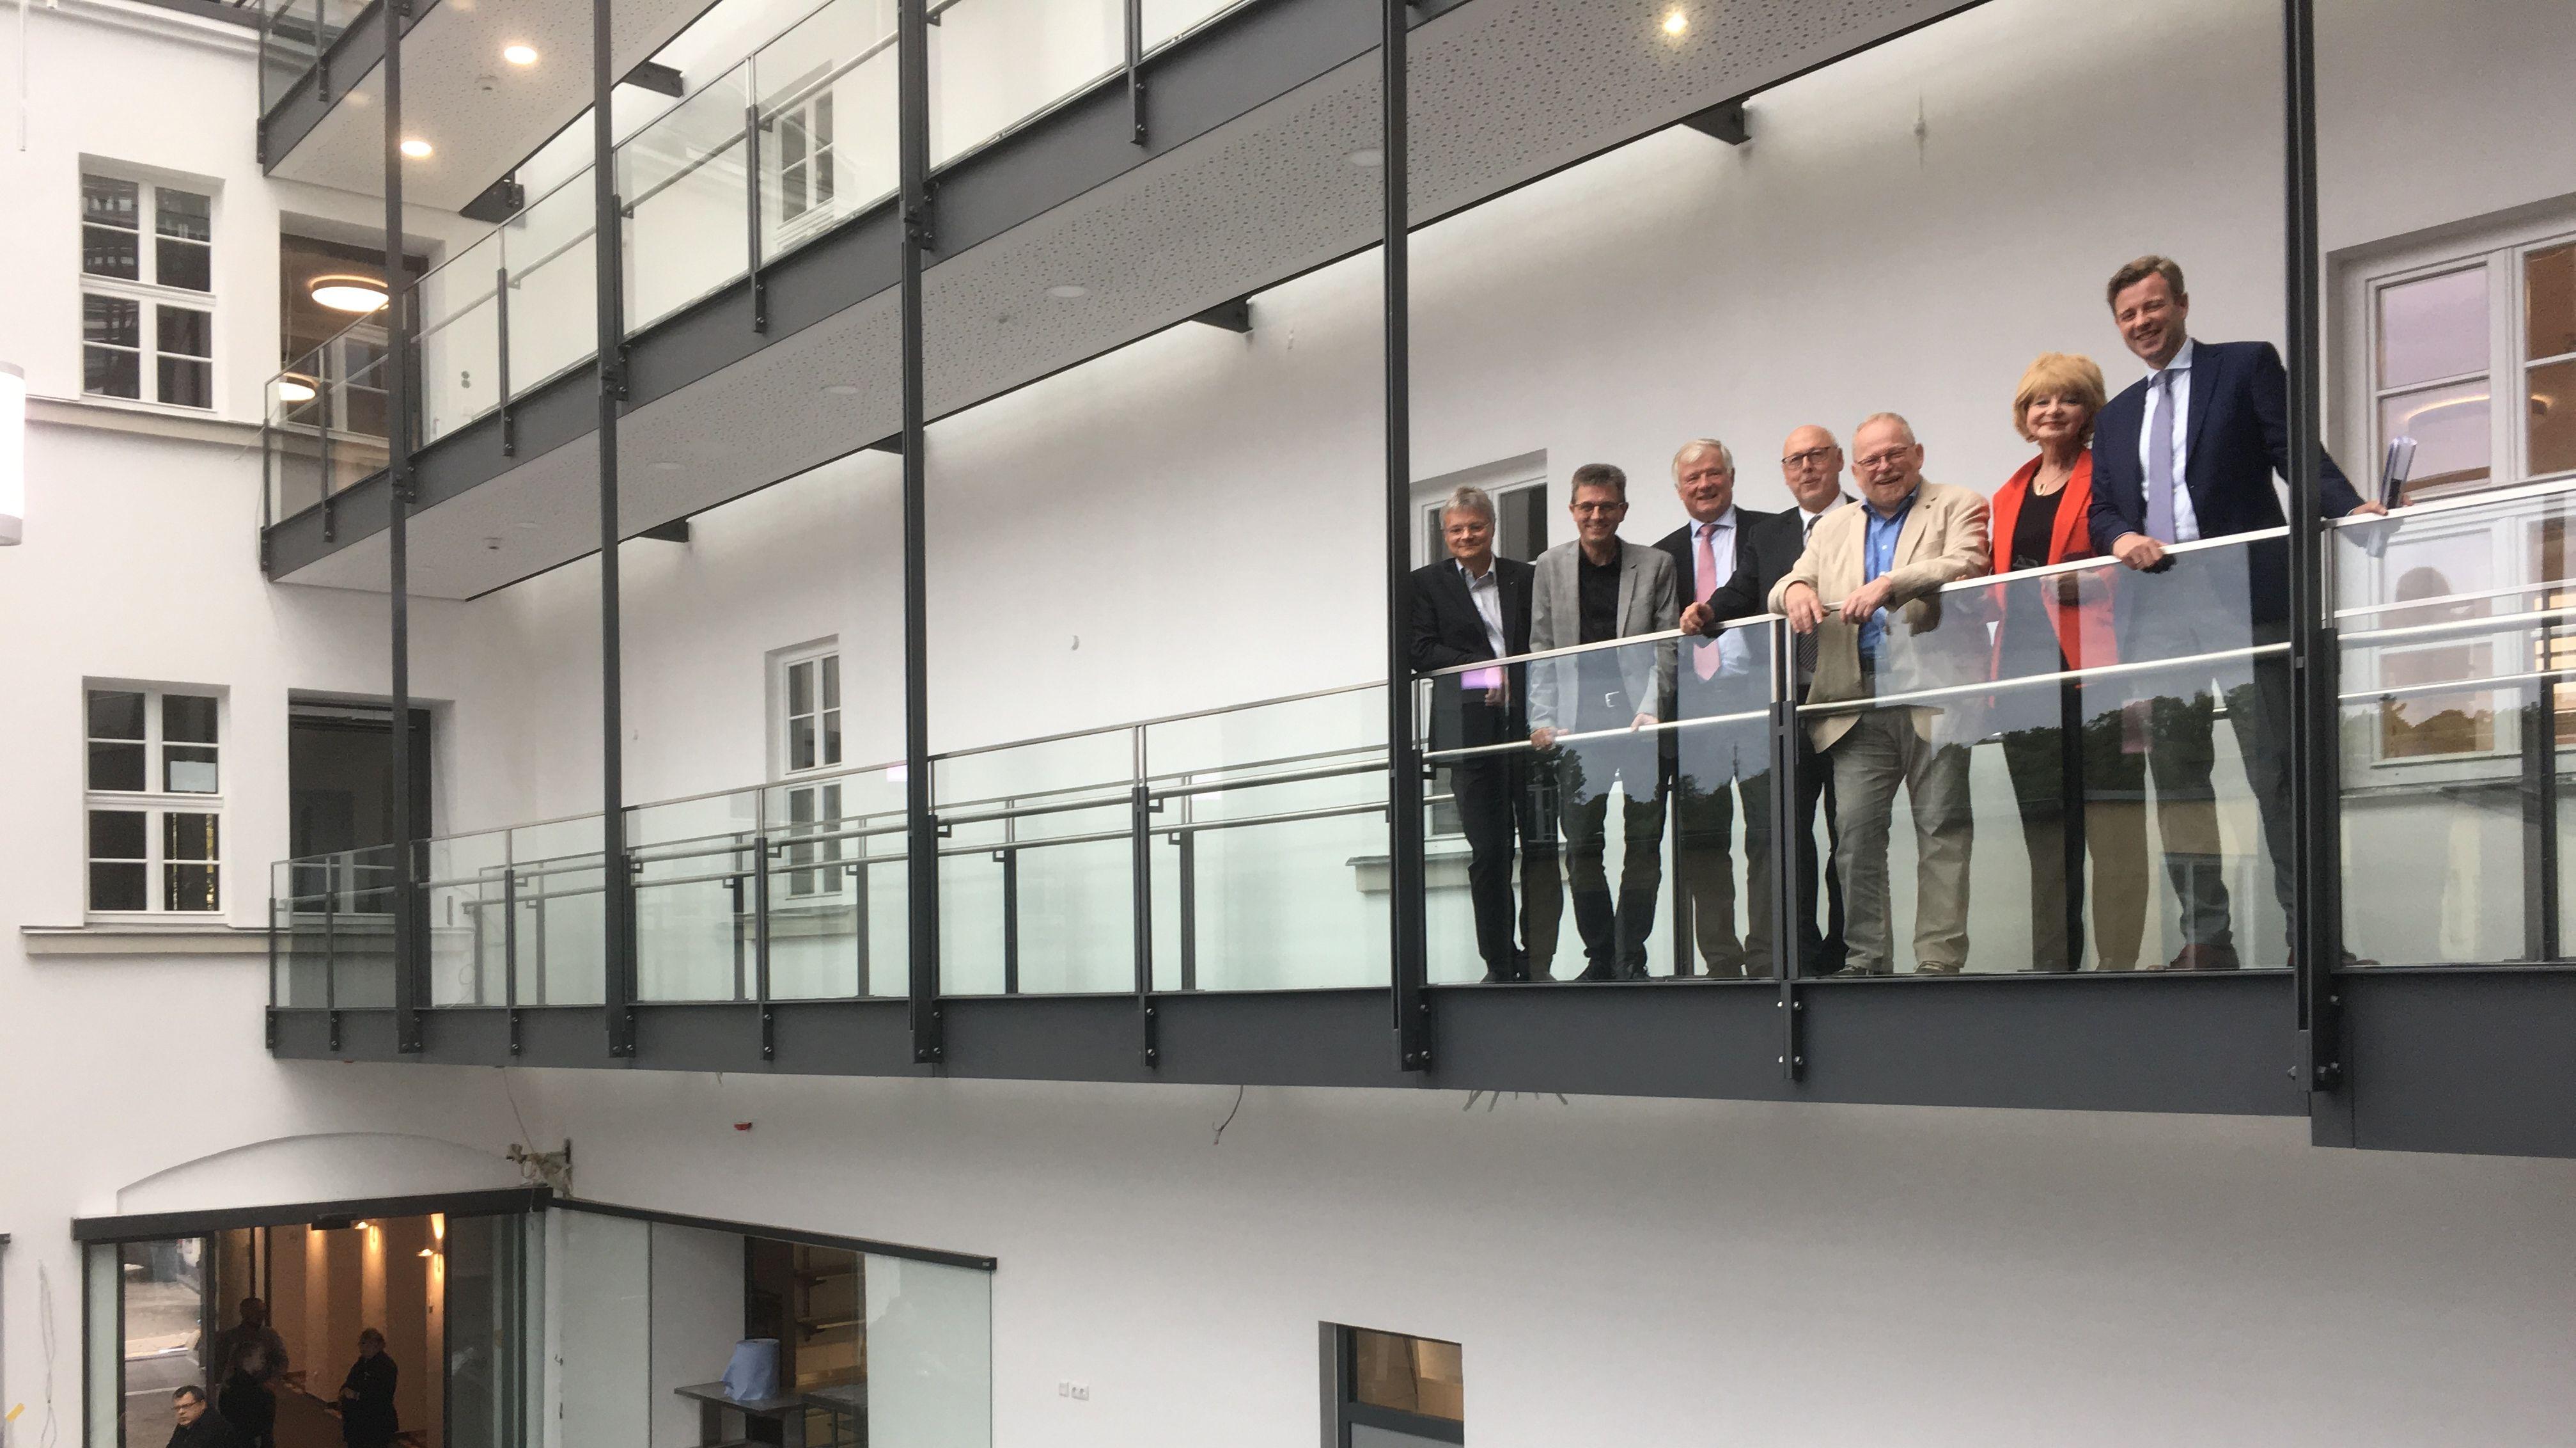 Landrat Oliver Bär und VHS Leiterin Ilse Emek gemeinsam mit VHS Vorständen im Inneren des neuen Gebäudes